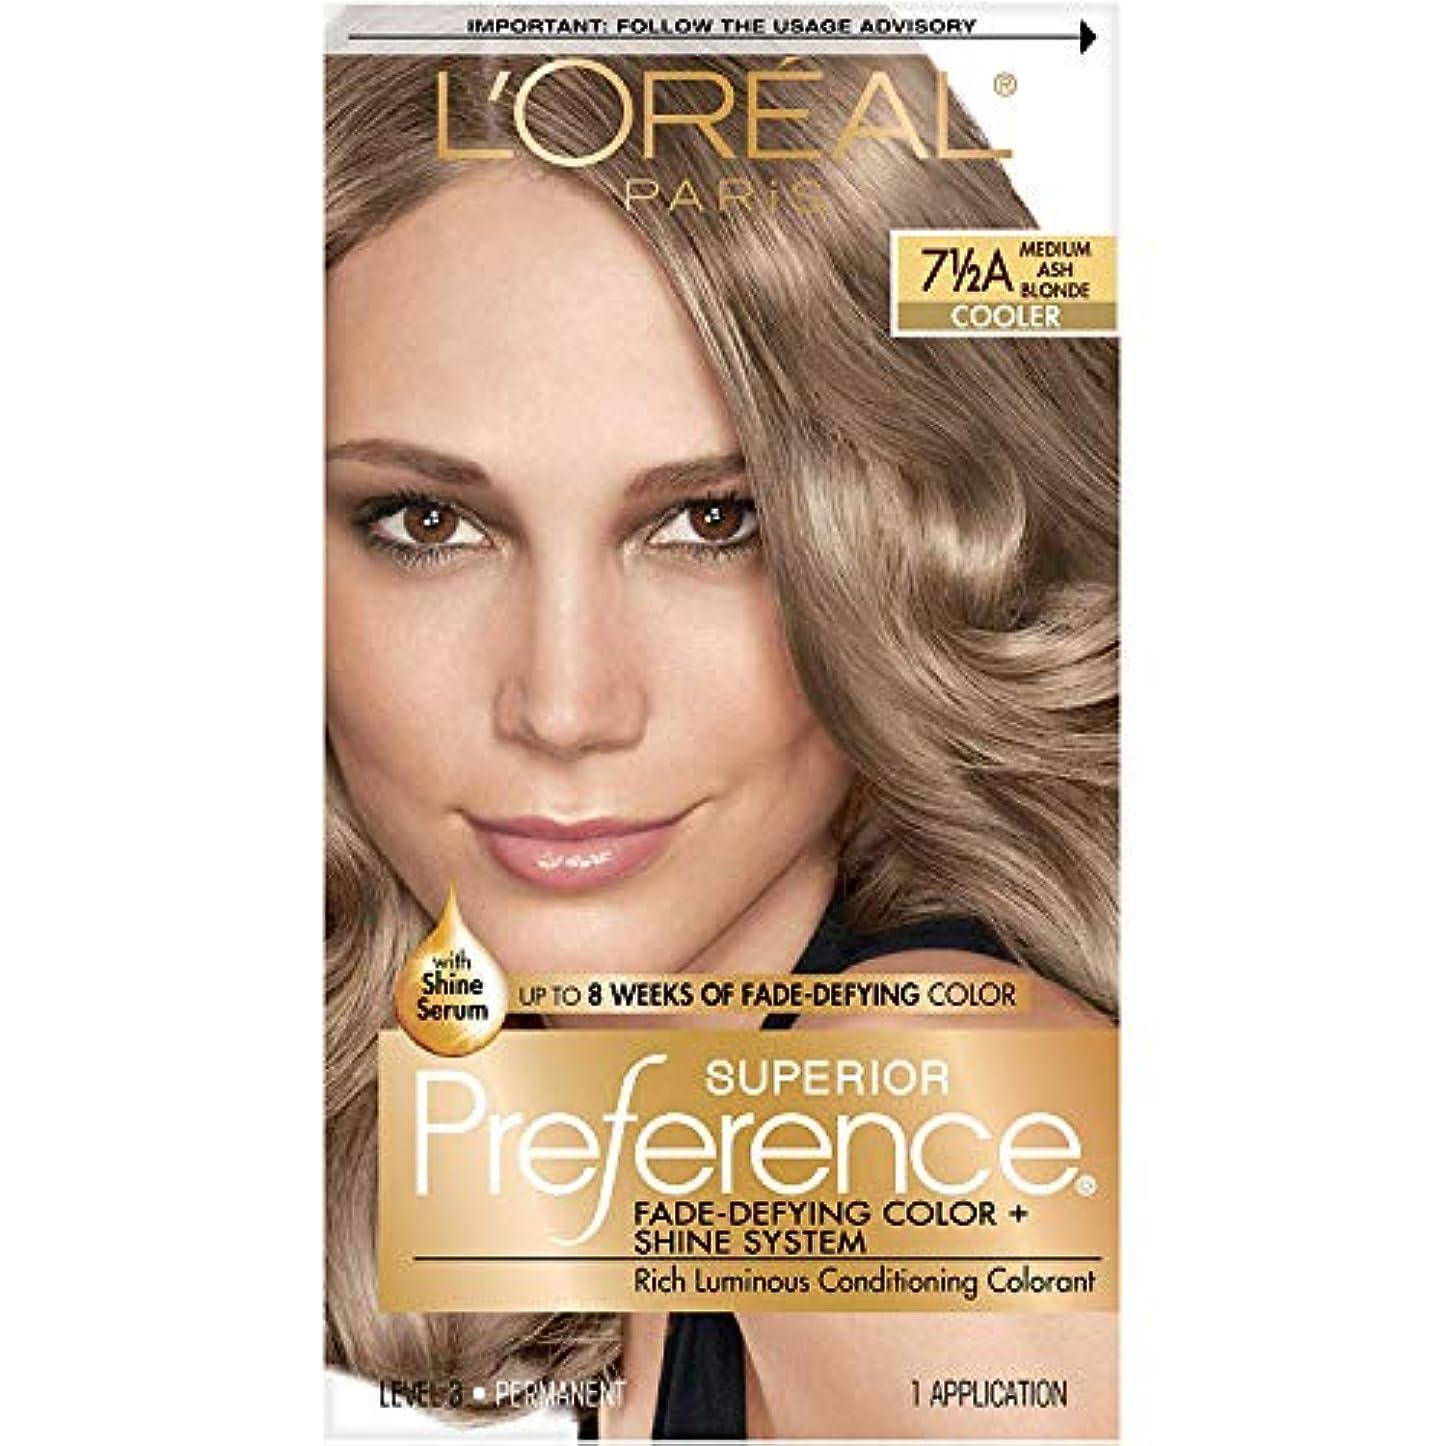 永遠の決済胚海外直送肘 LOreal Superior Preference Hair Color Medium Ash Blonde, Medium Ash Blonde 1 each